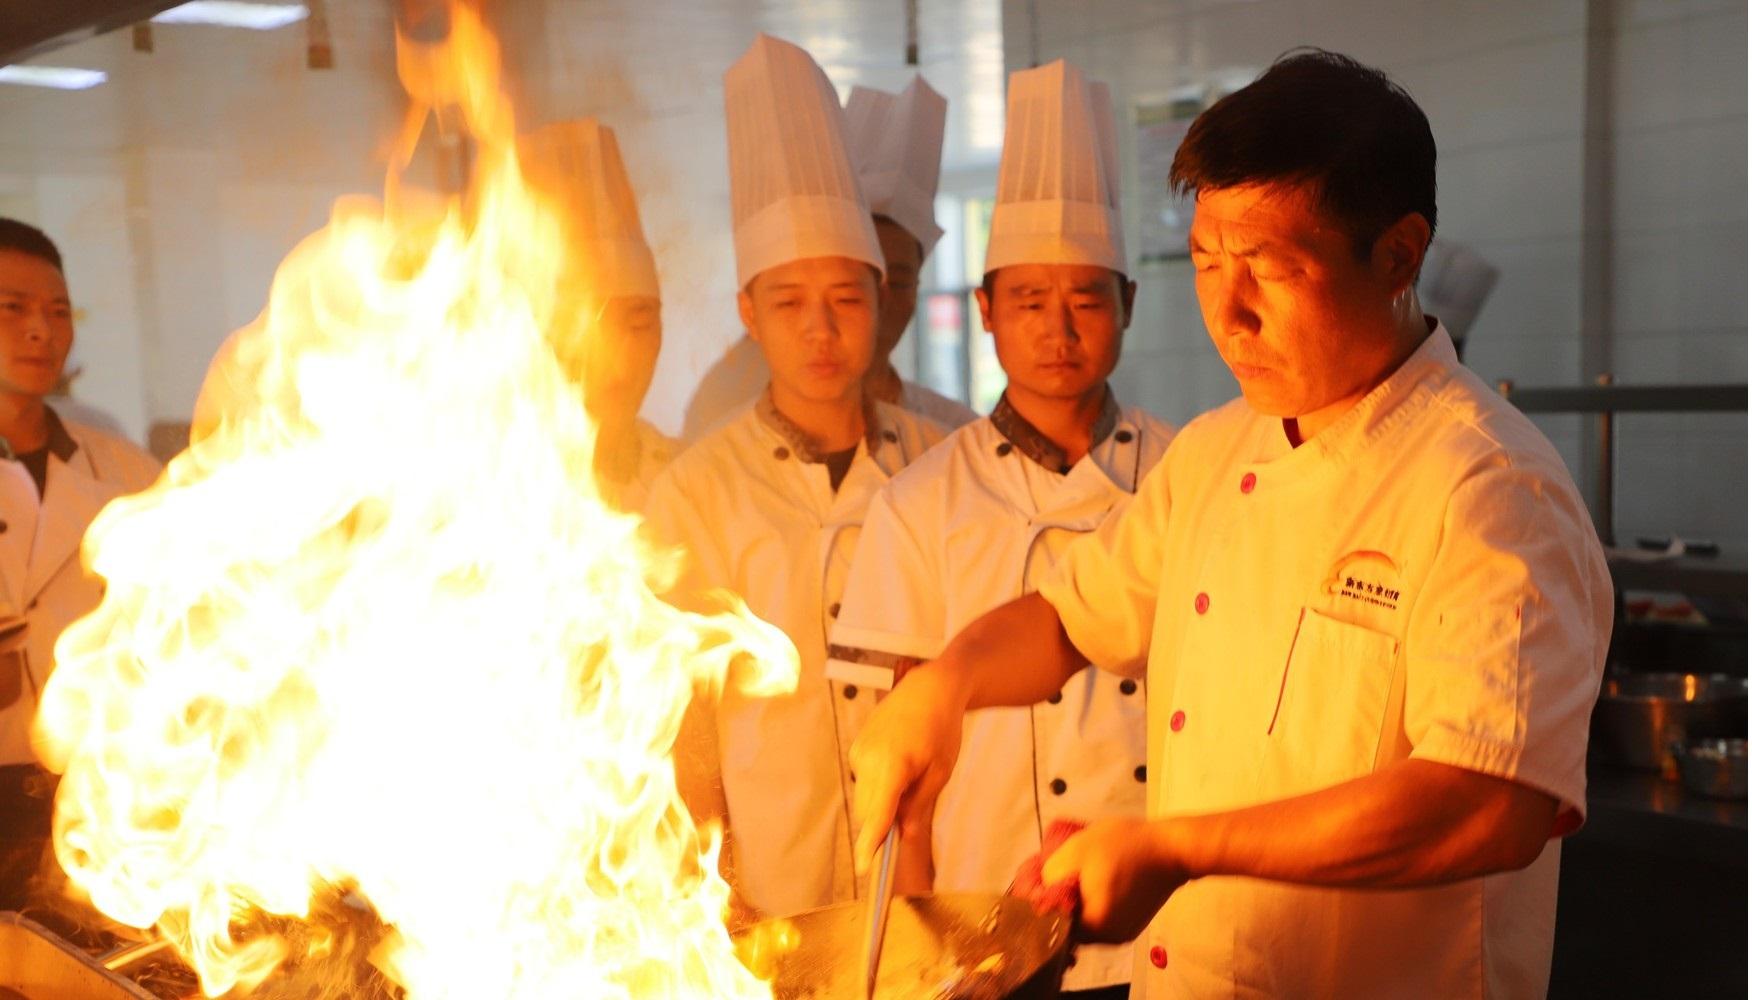 那些年的新东方烹饪学校,终于要上市了!